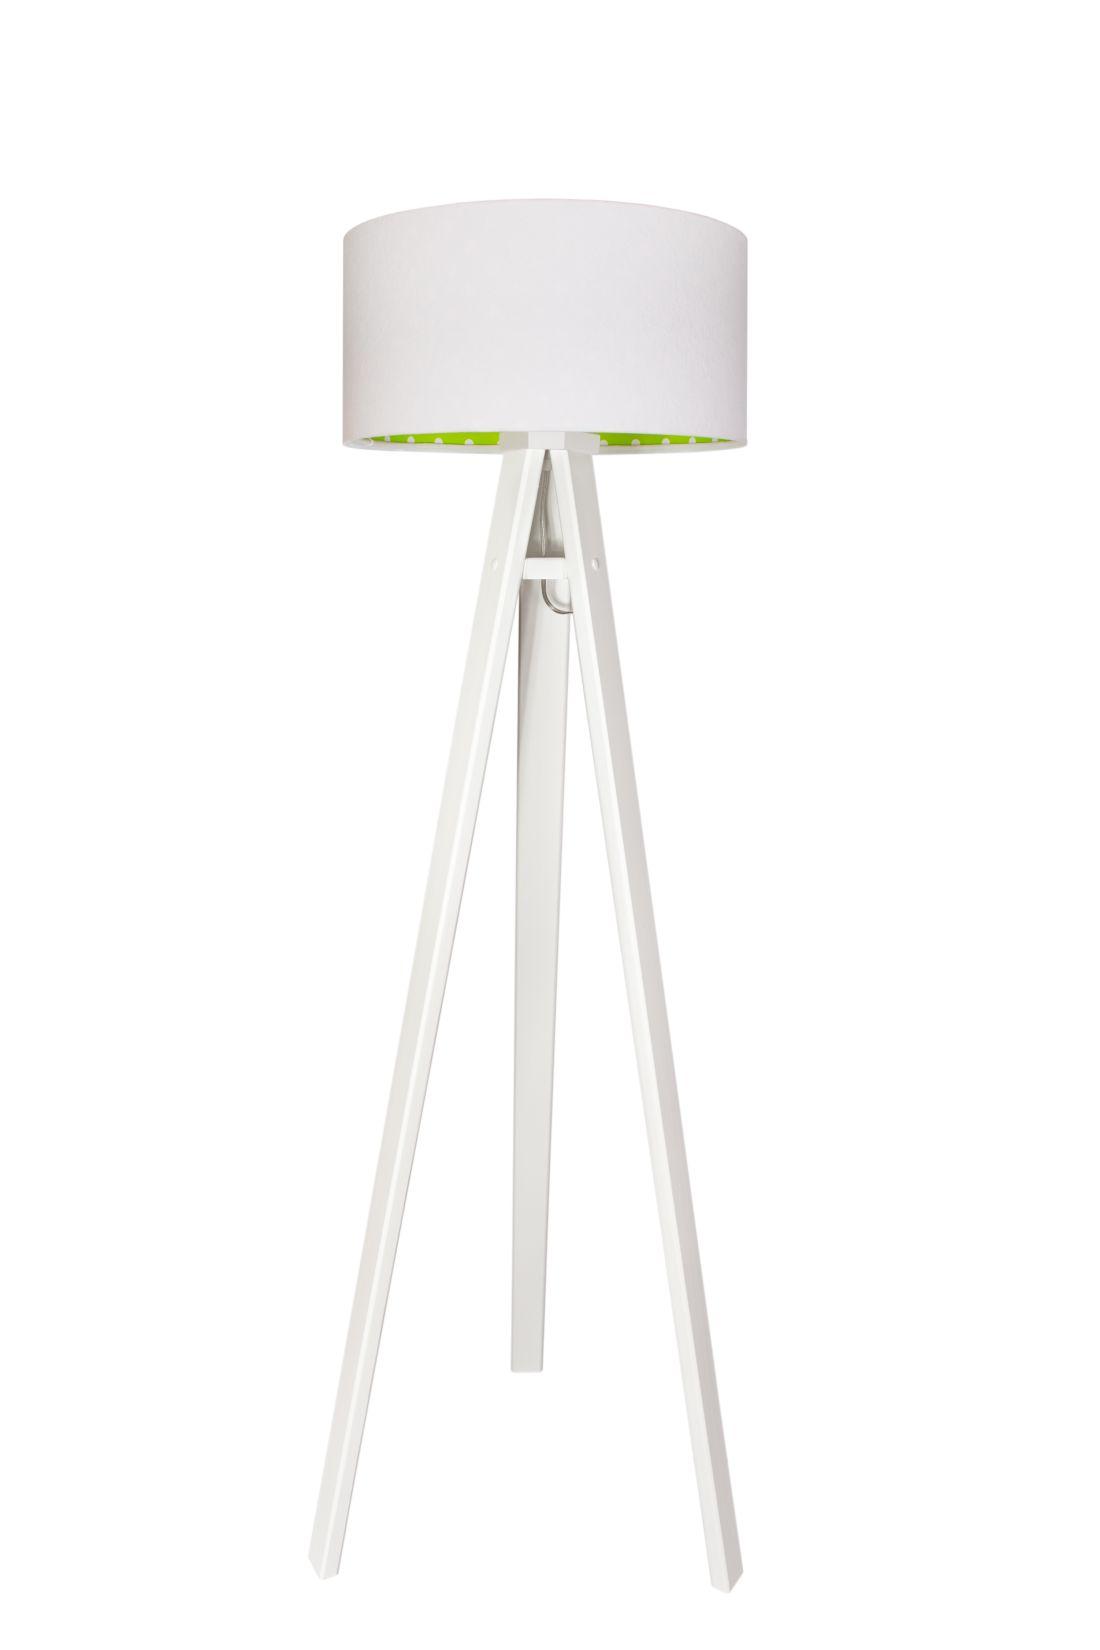 Stehlampe BRINA Weiß Grün Kinder Dreibein 140cm